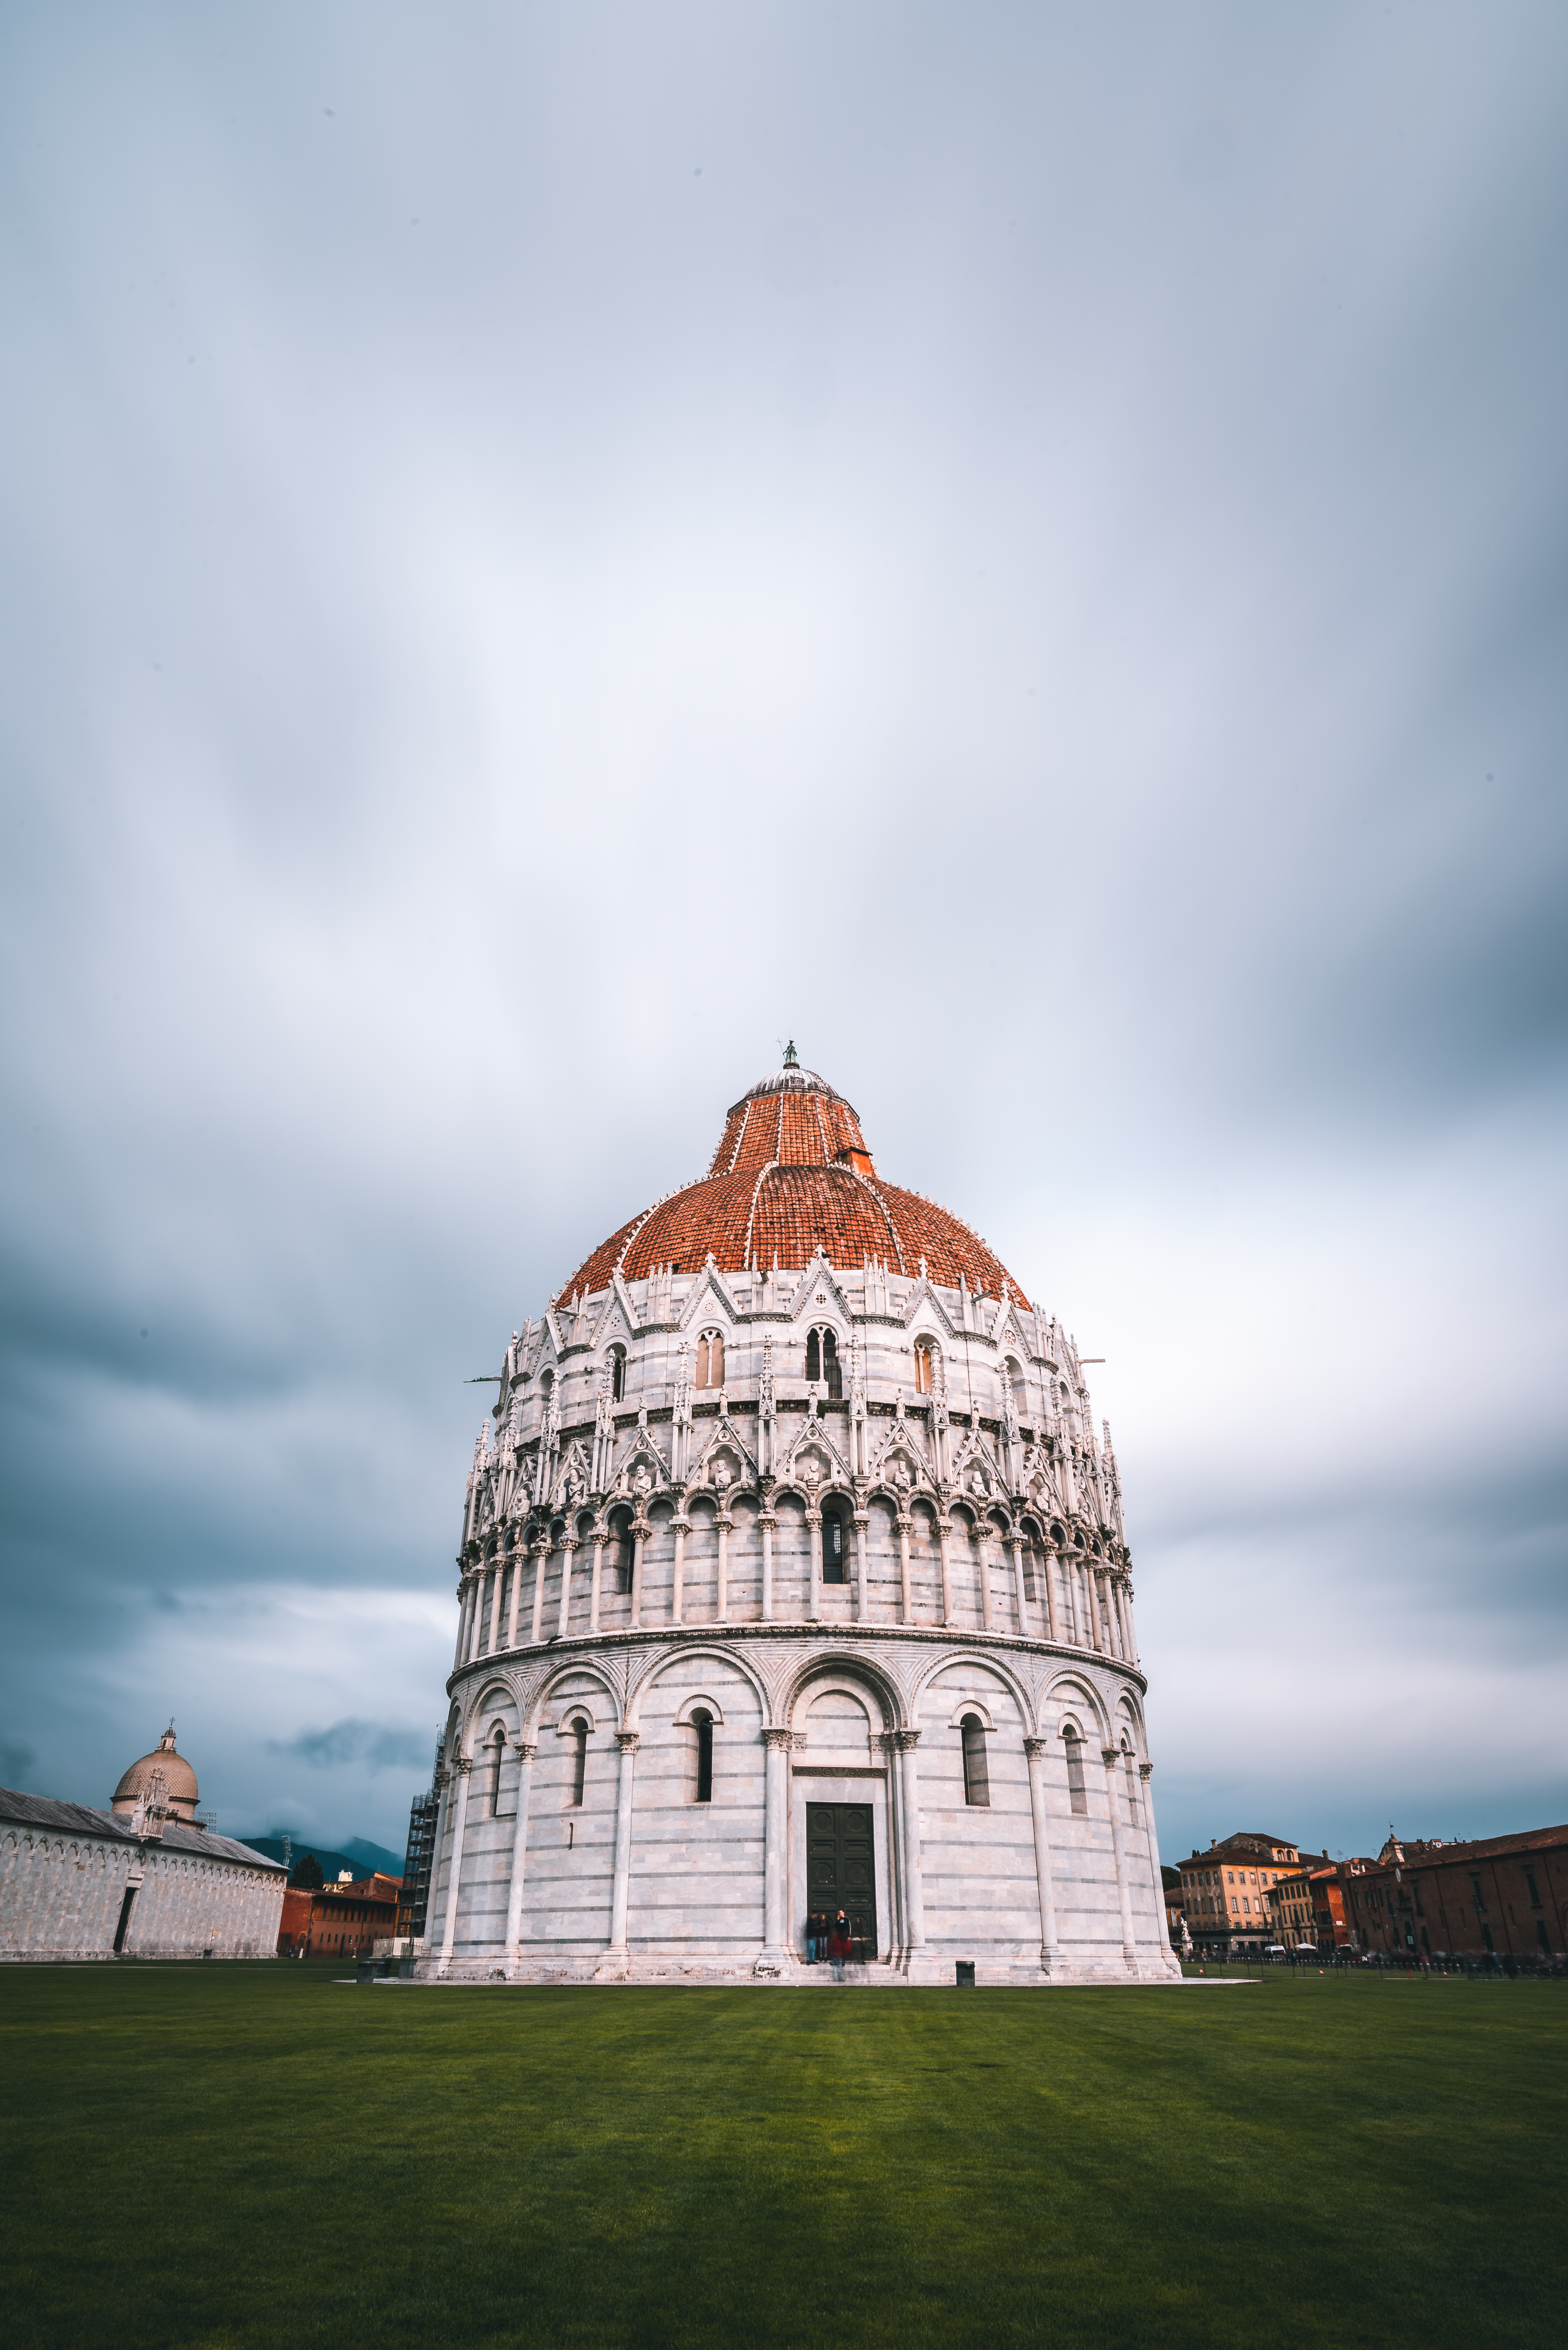 File:The Pisa Baptistery of St. John.jpg - Wikimedia Commons